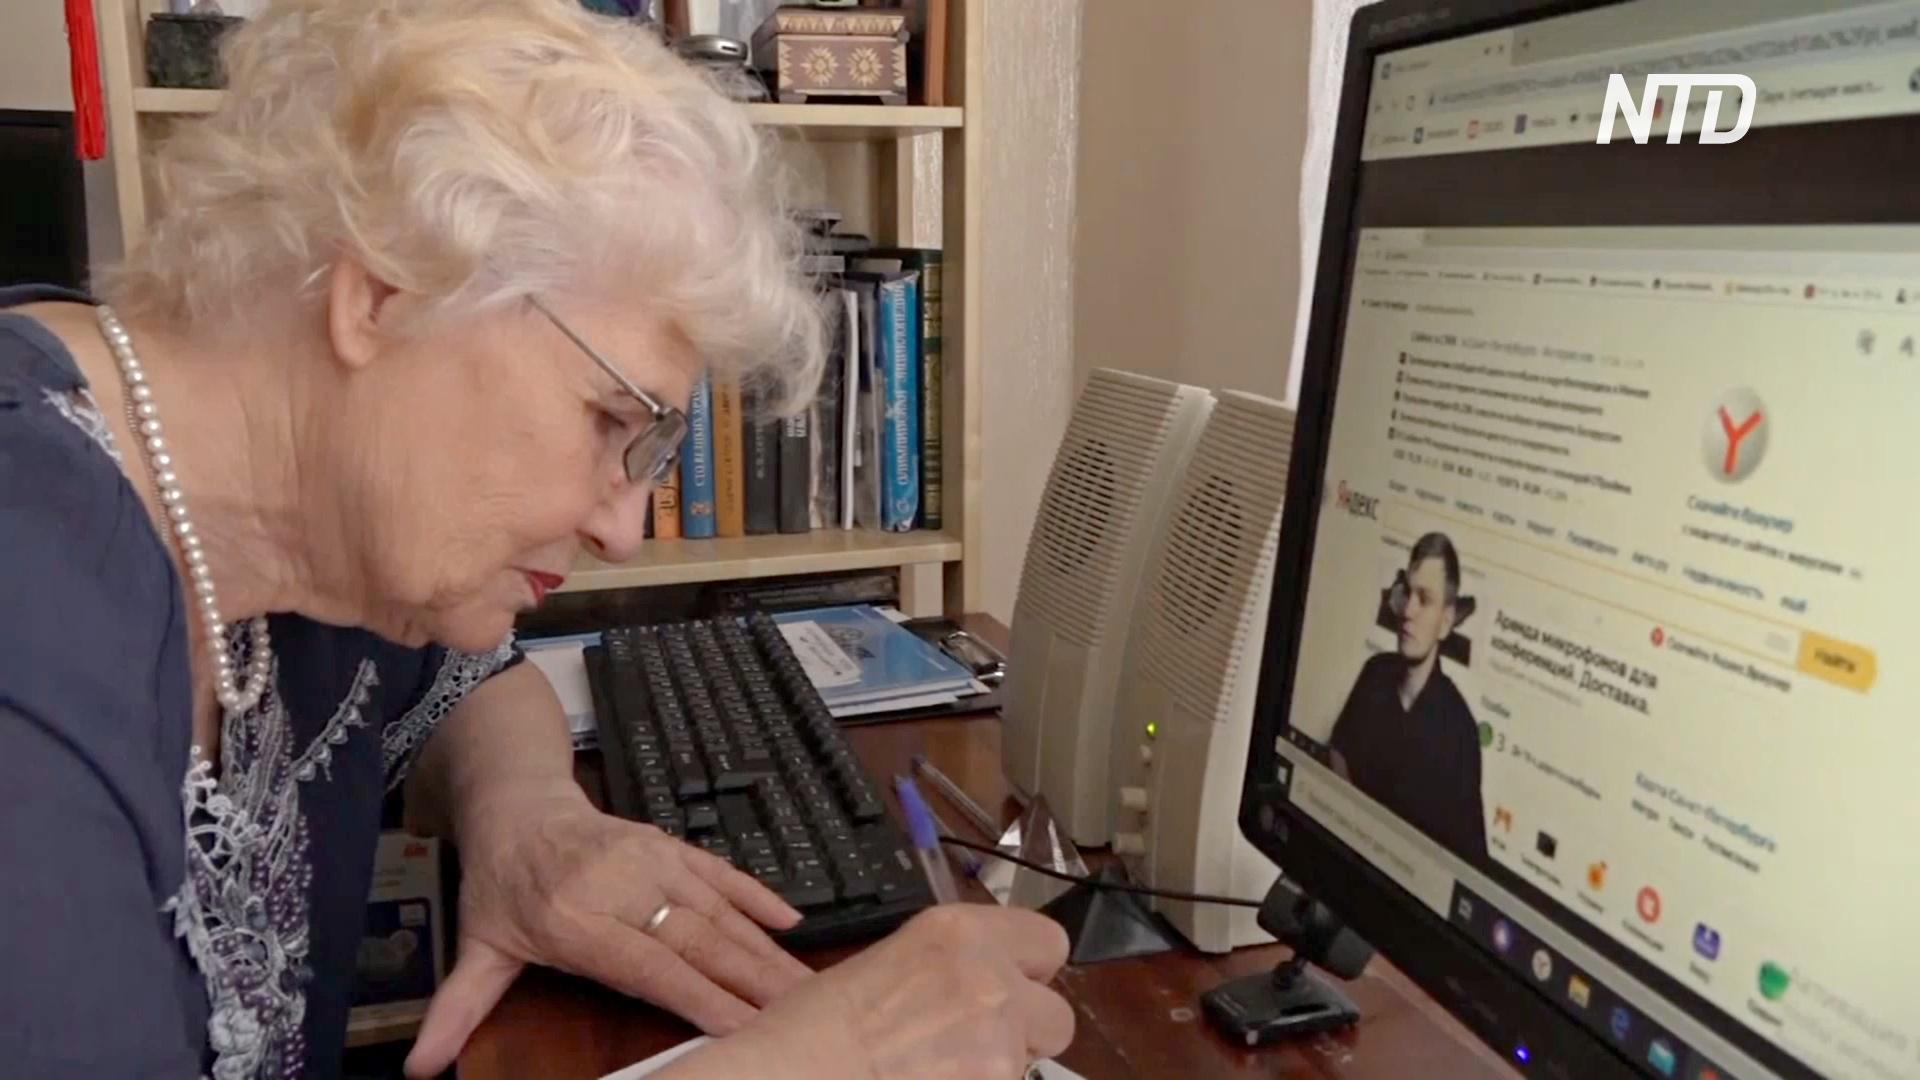 Российских пенсионеров бесплатно учат пользоваться компьютером и Интернетом